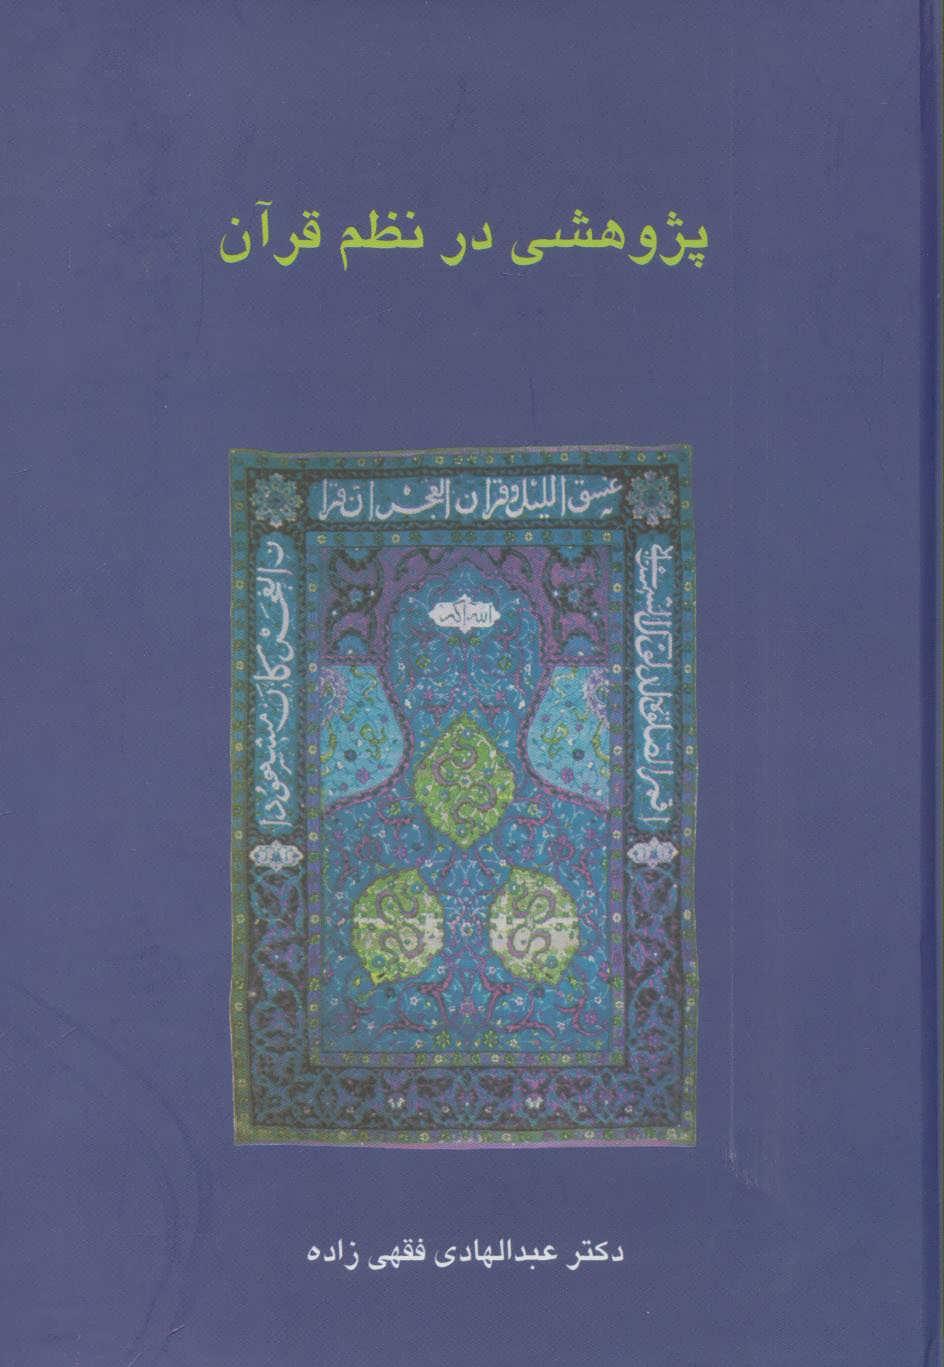 کتاب پژوهشی در نظم قرآن